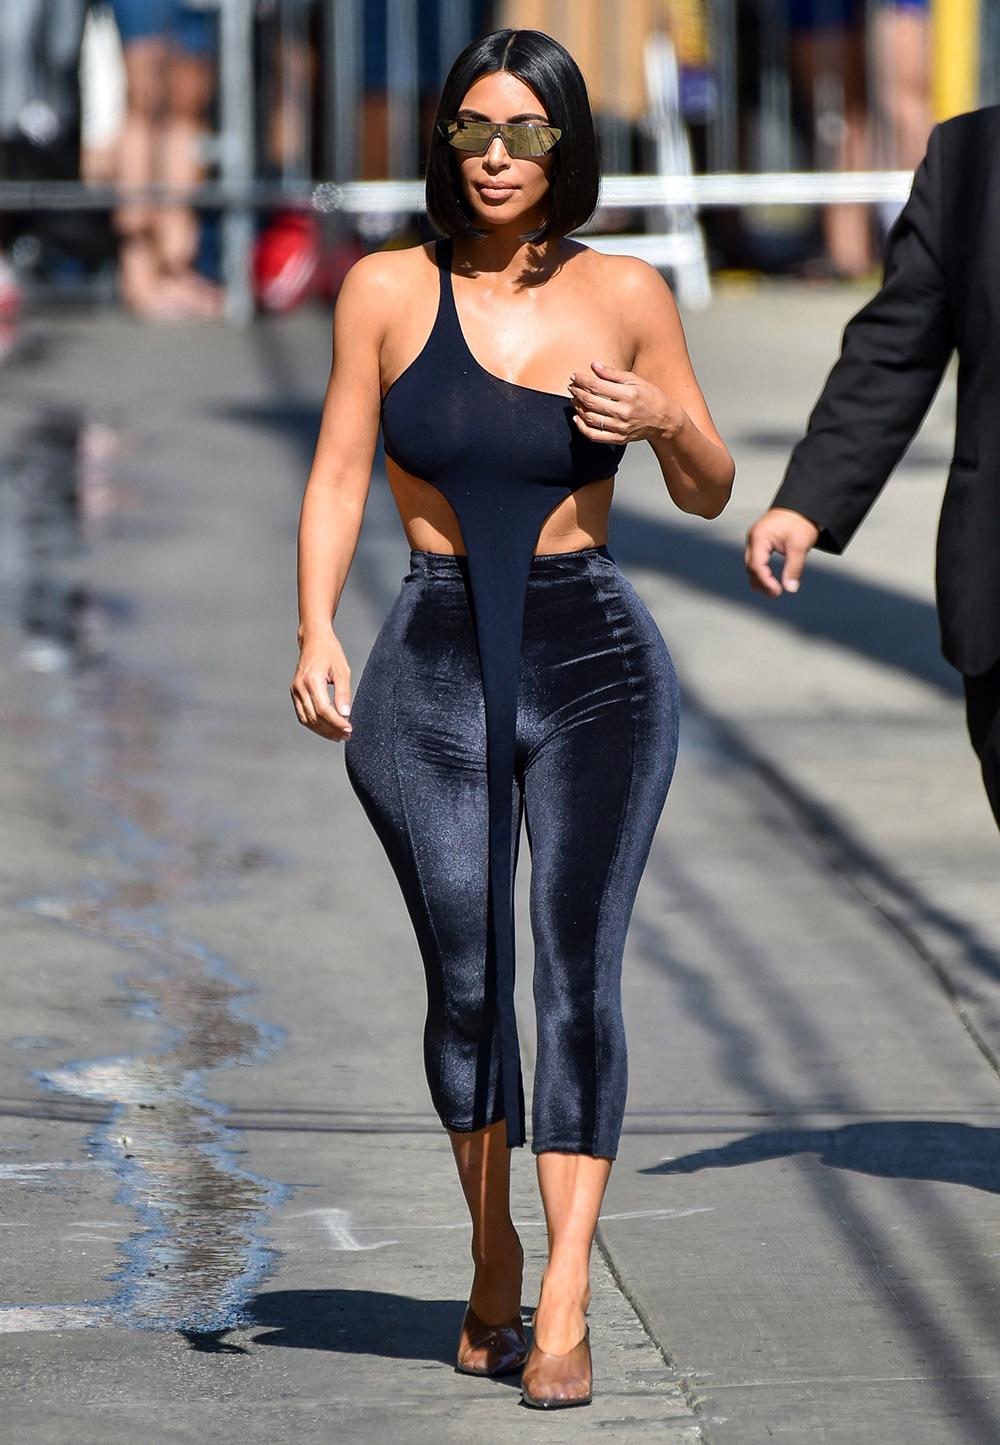 Kim Kardashian giữ dáng nhờ chế độ giảm cân Keto